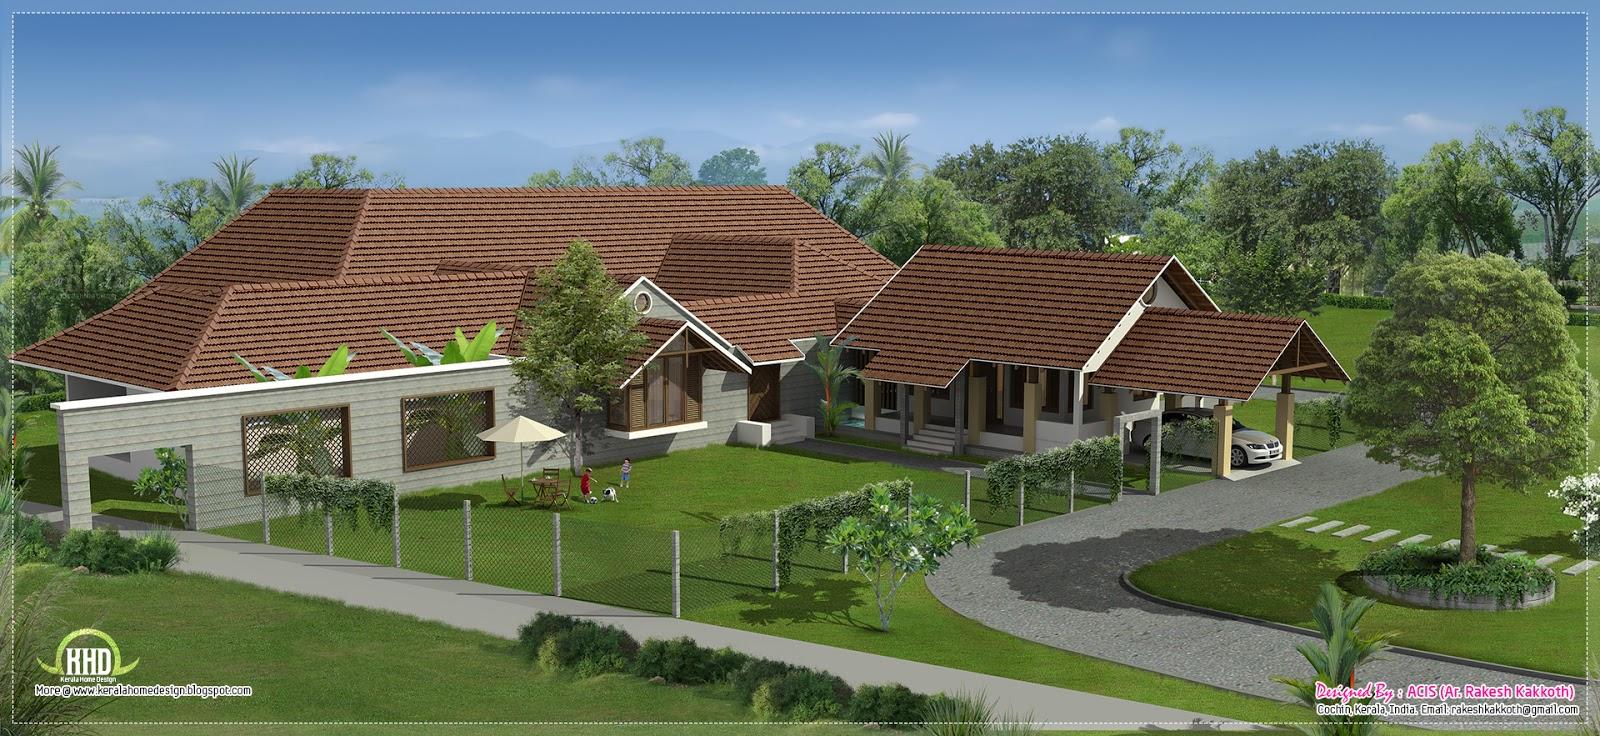 Luxury Bungalow Exterior Design House Design Plans